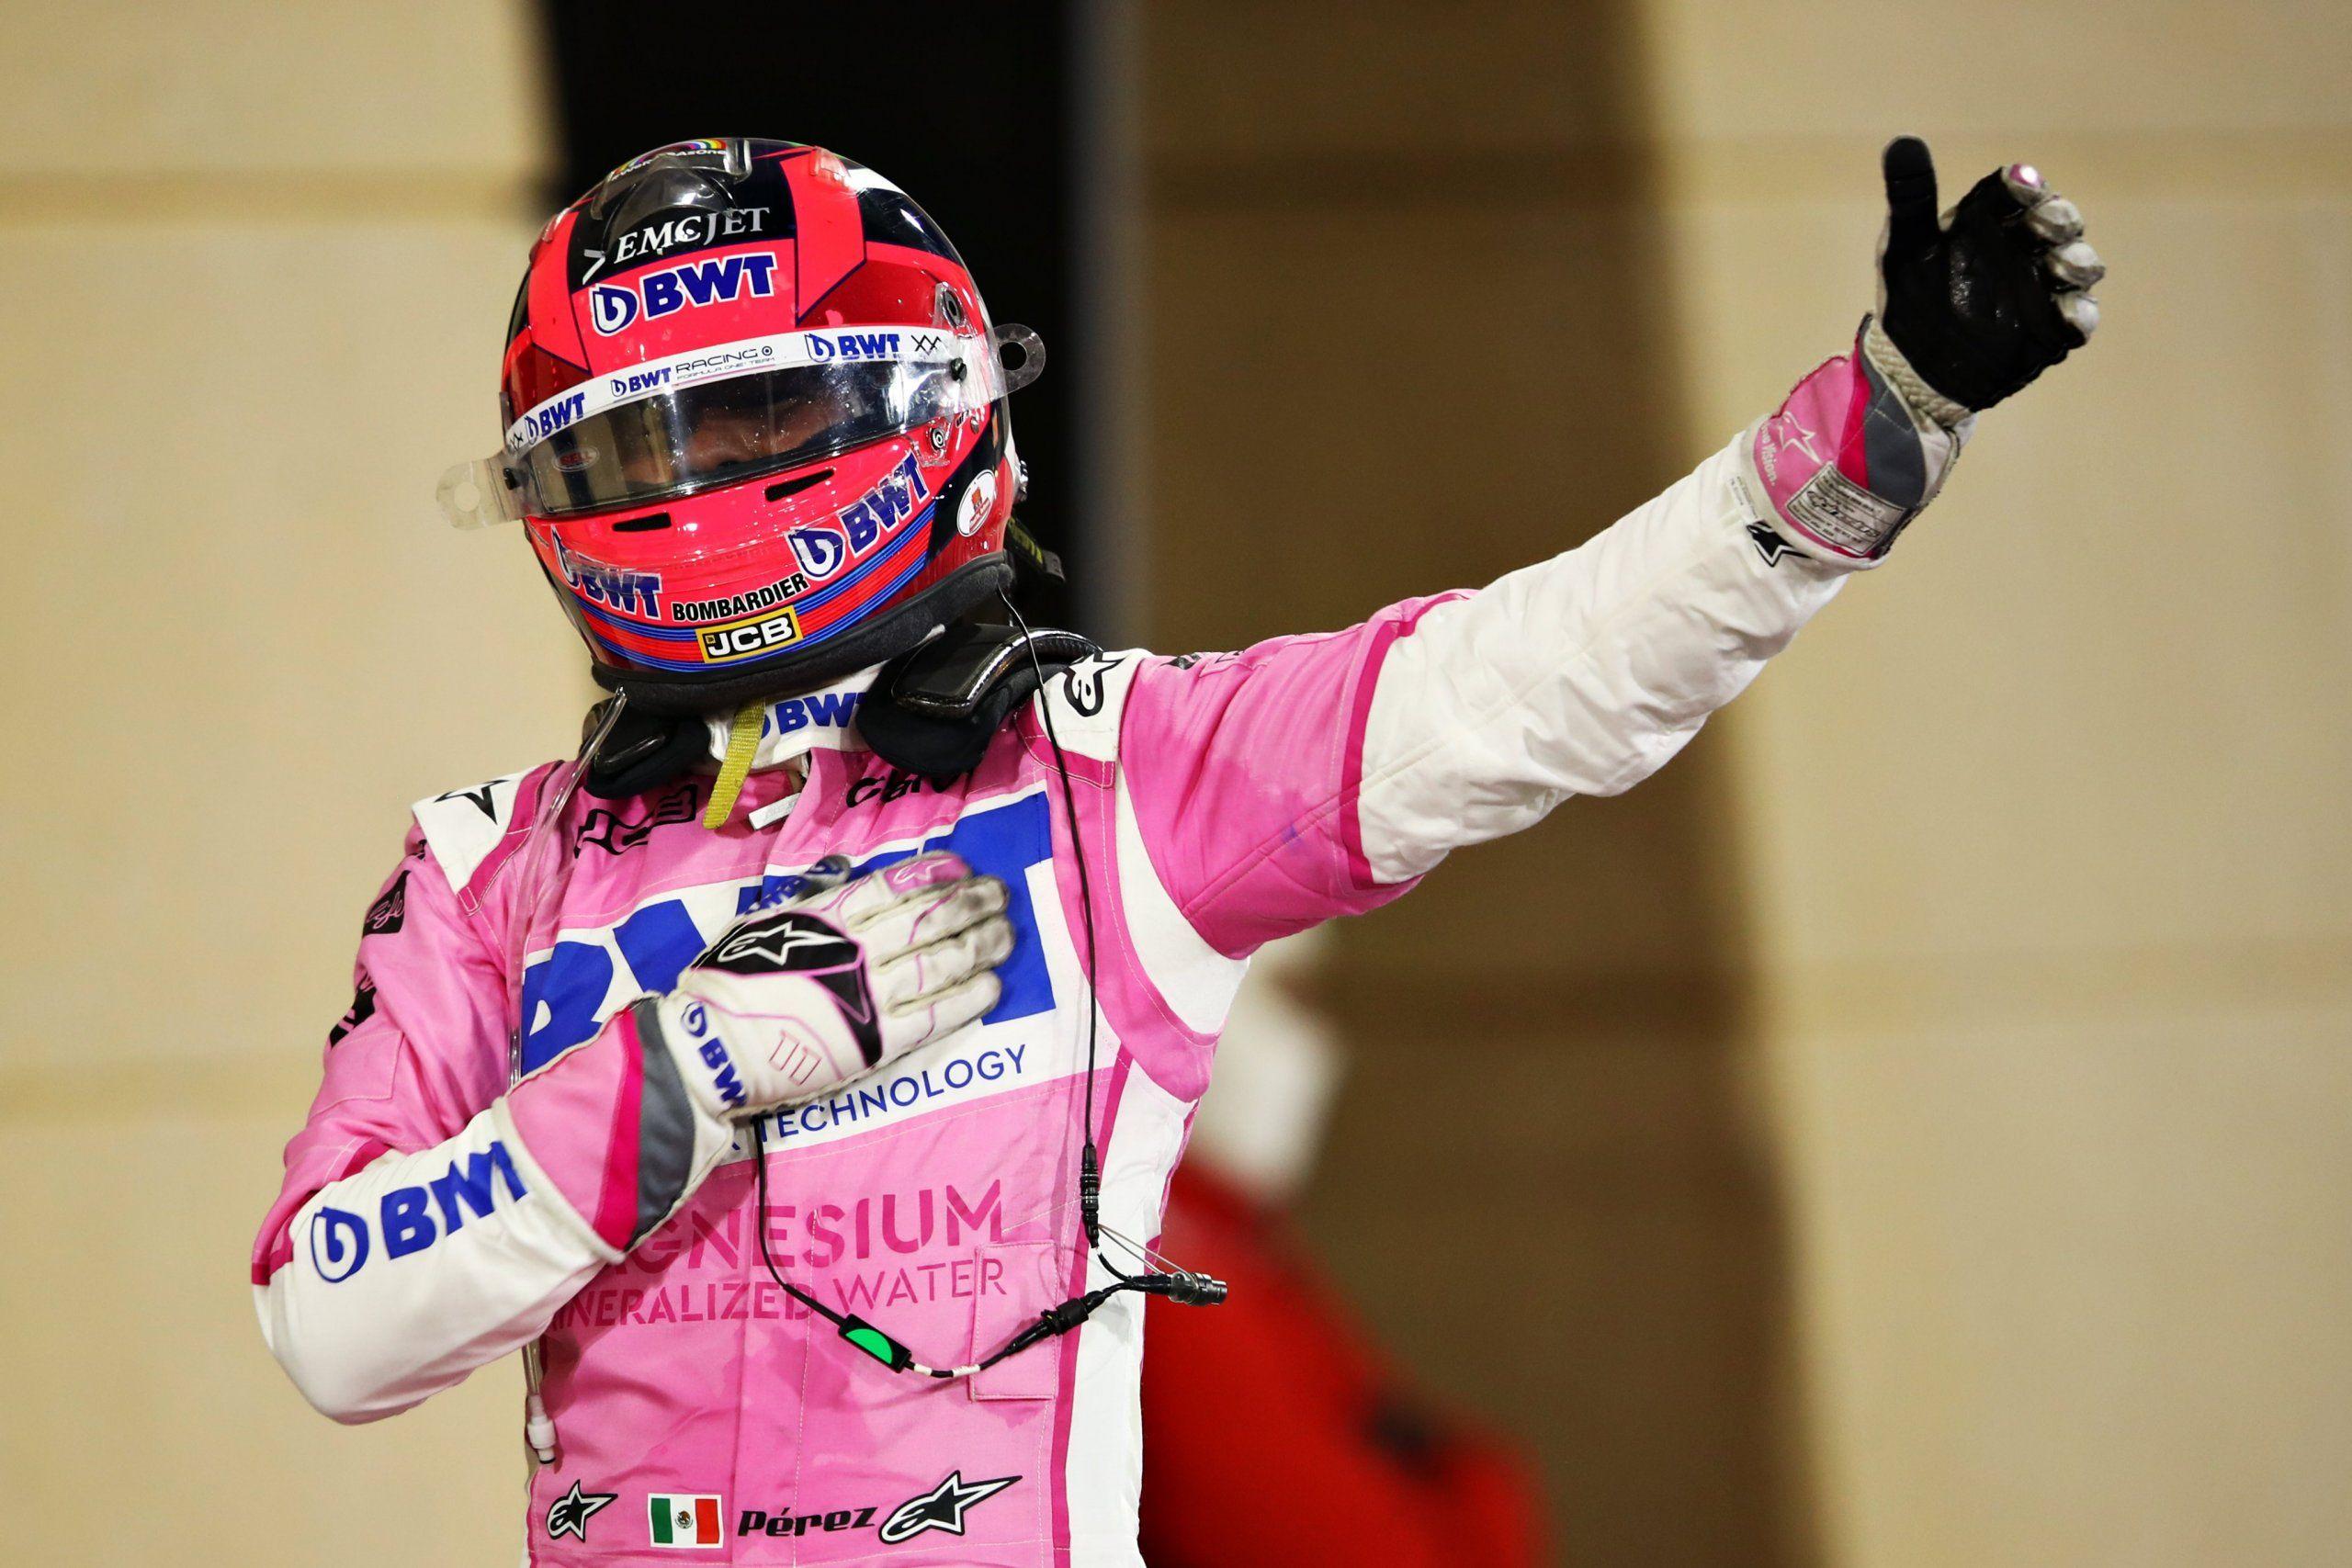 ¡Día histórico para México! Sergio Pérez logra su primera victoria en Fórmula 1